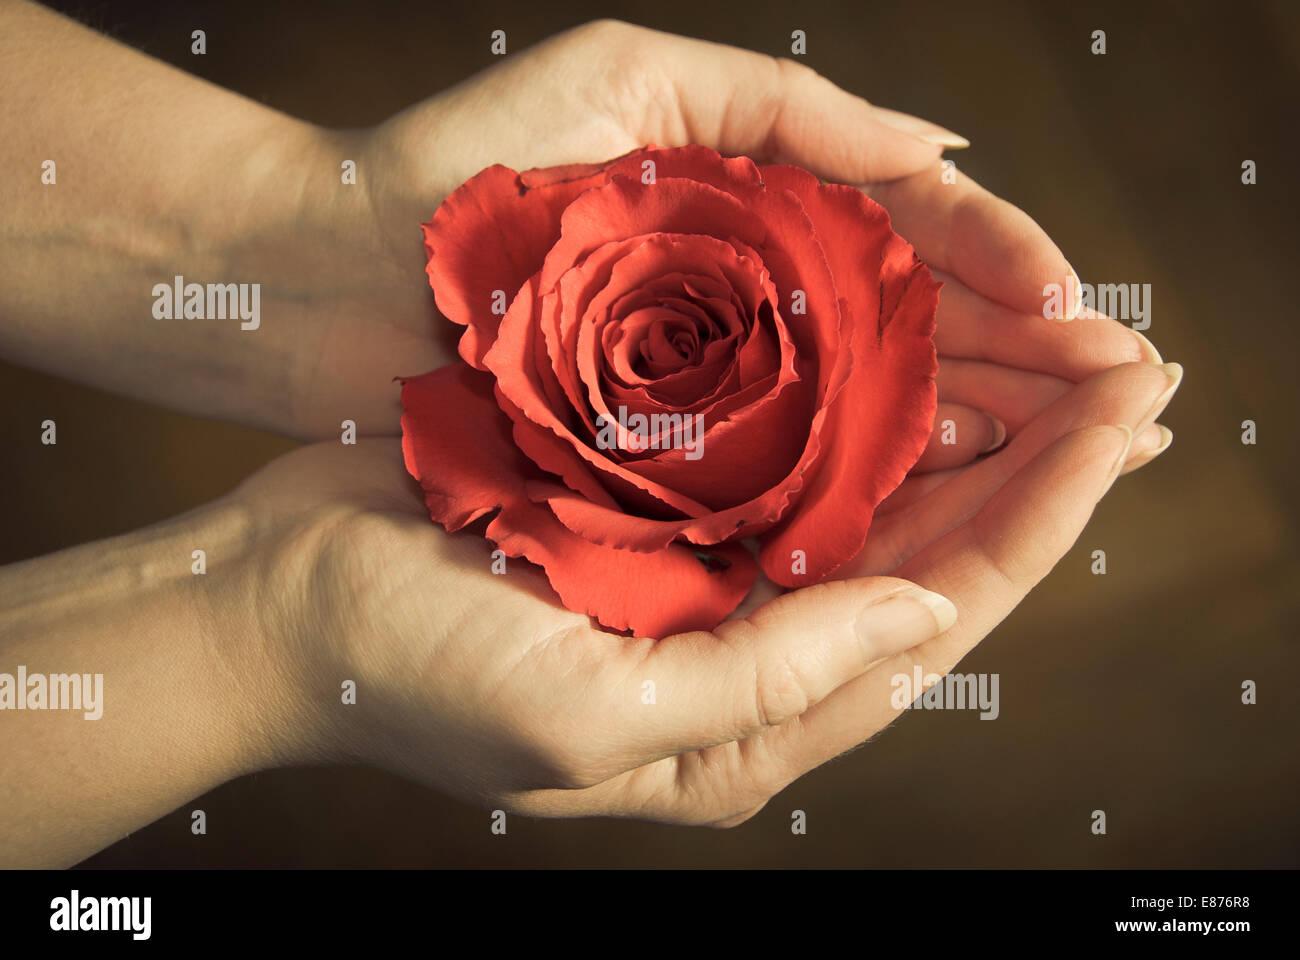 Mujeres manos sosteniendo una rosa roja Imagen De Stock